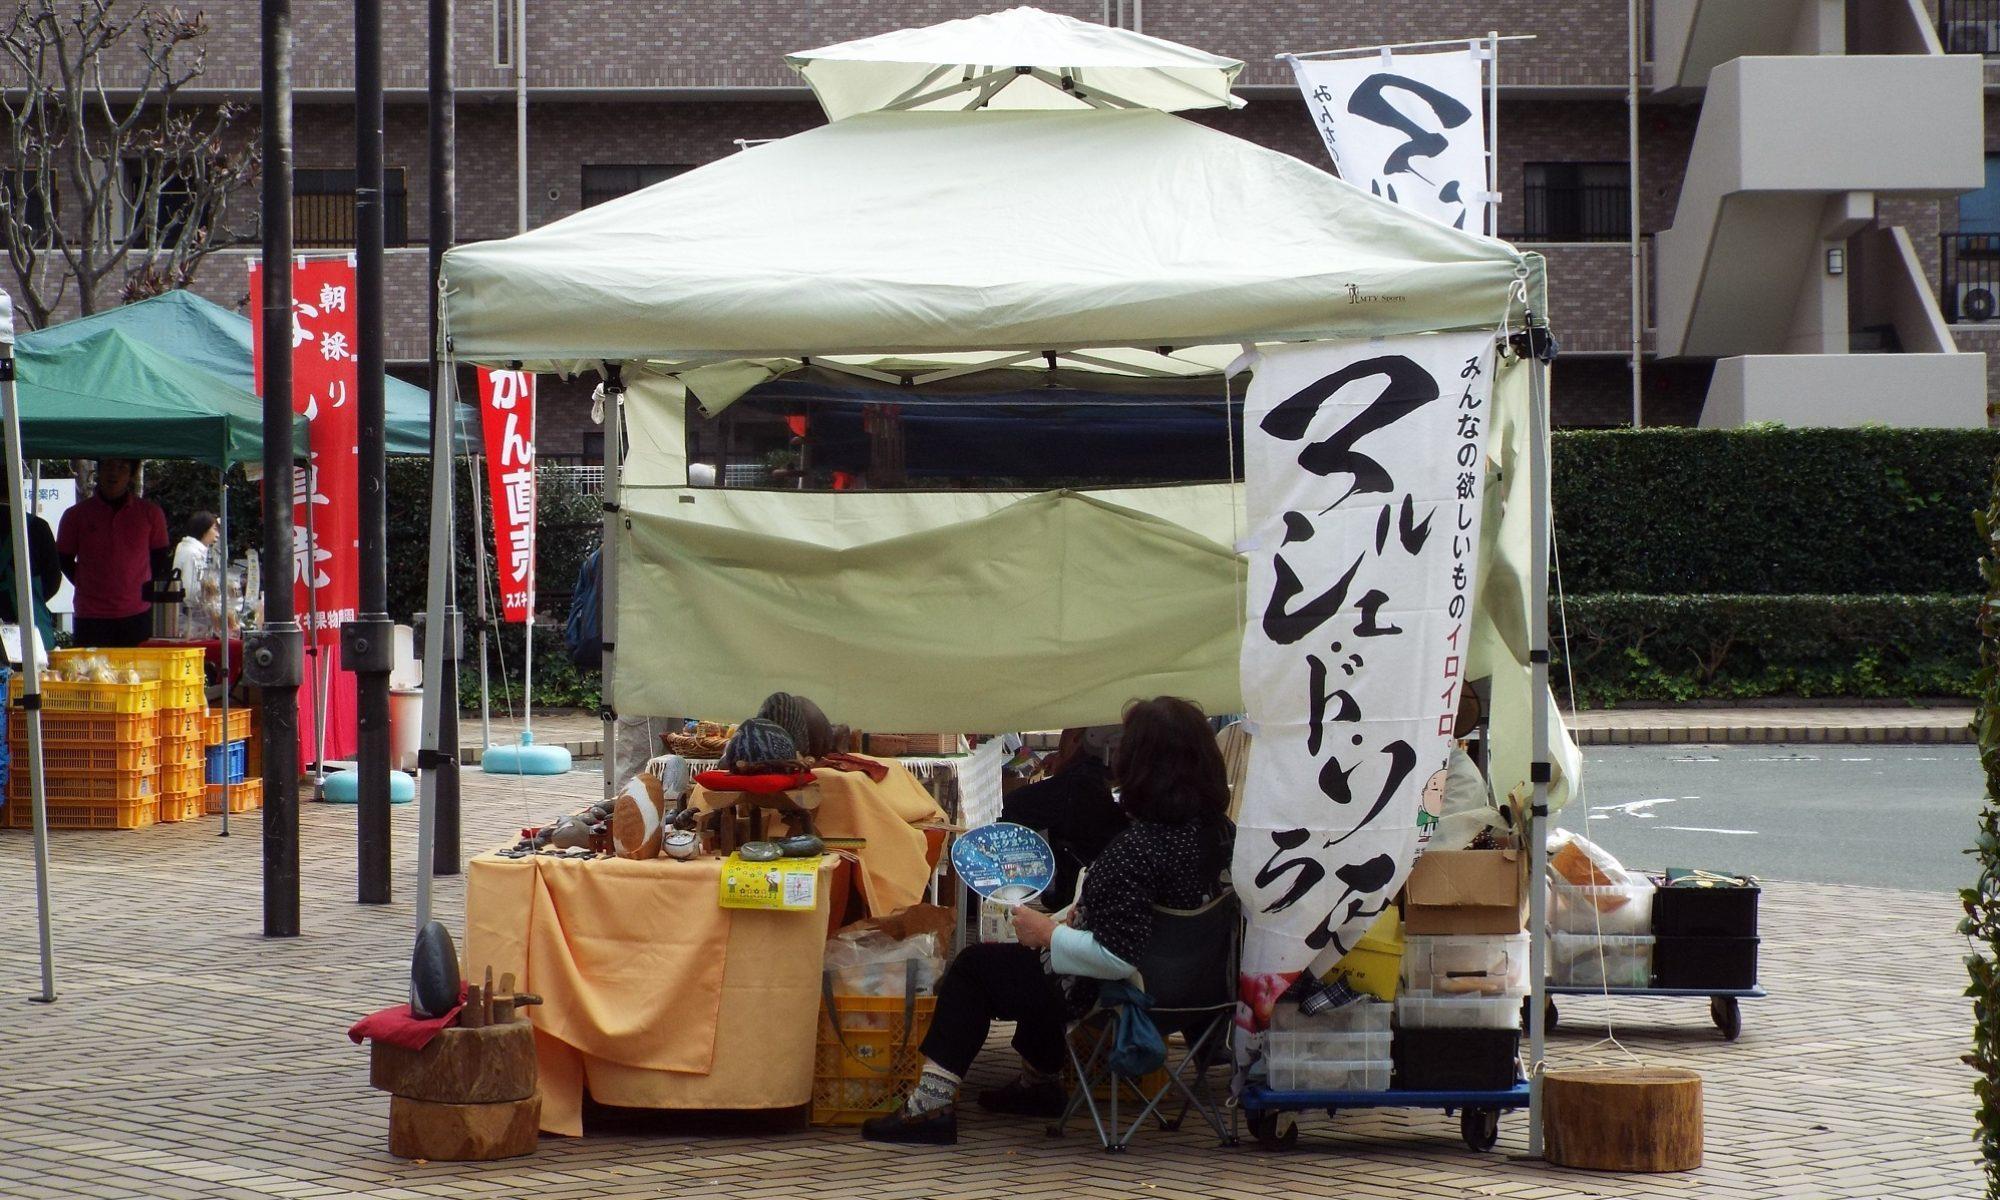 三遠南信特産市場 マルシェ・ド・ソラモ